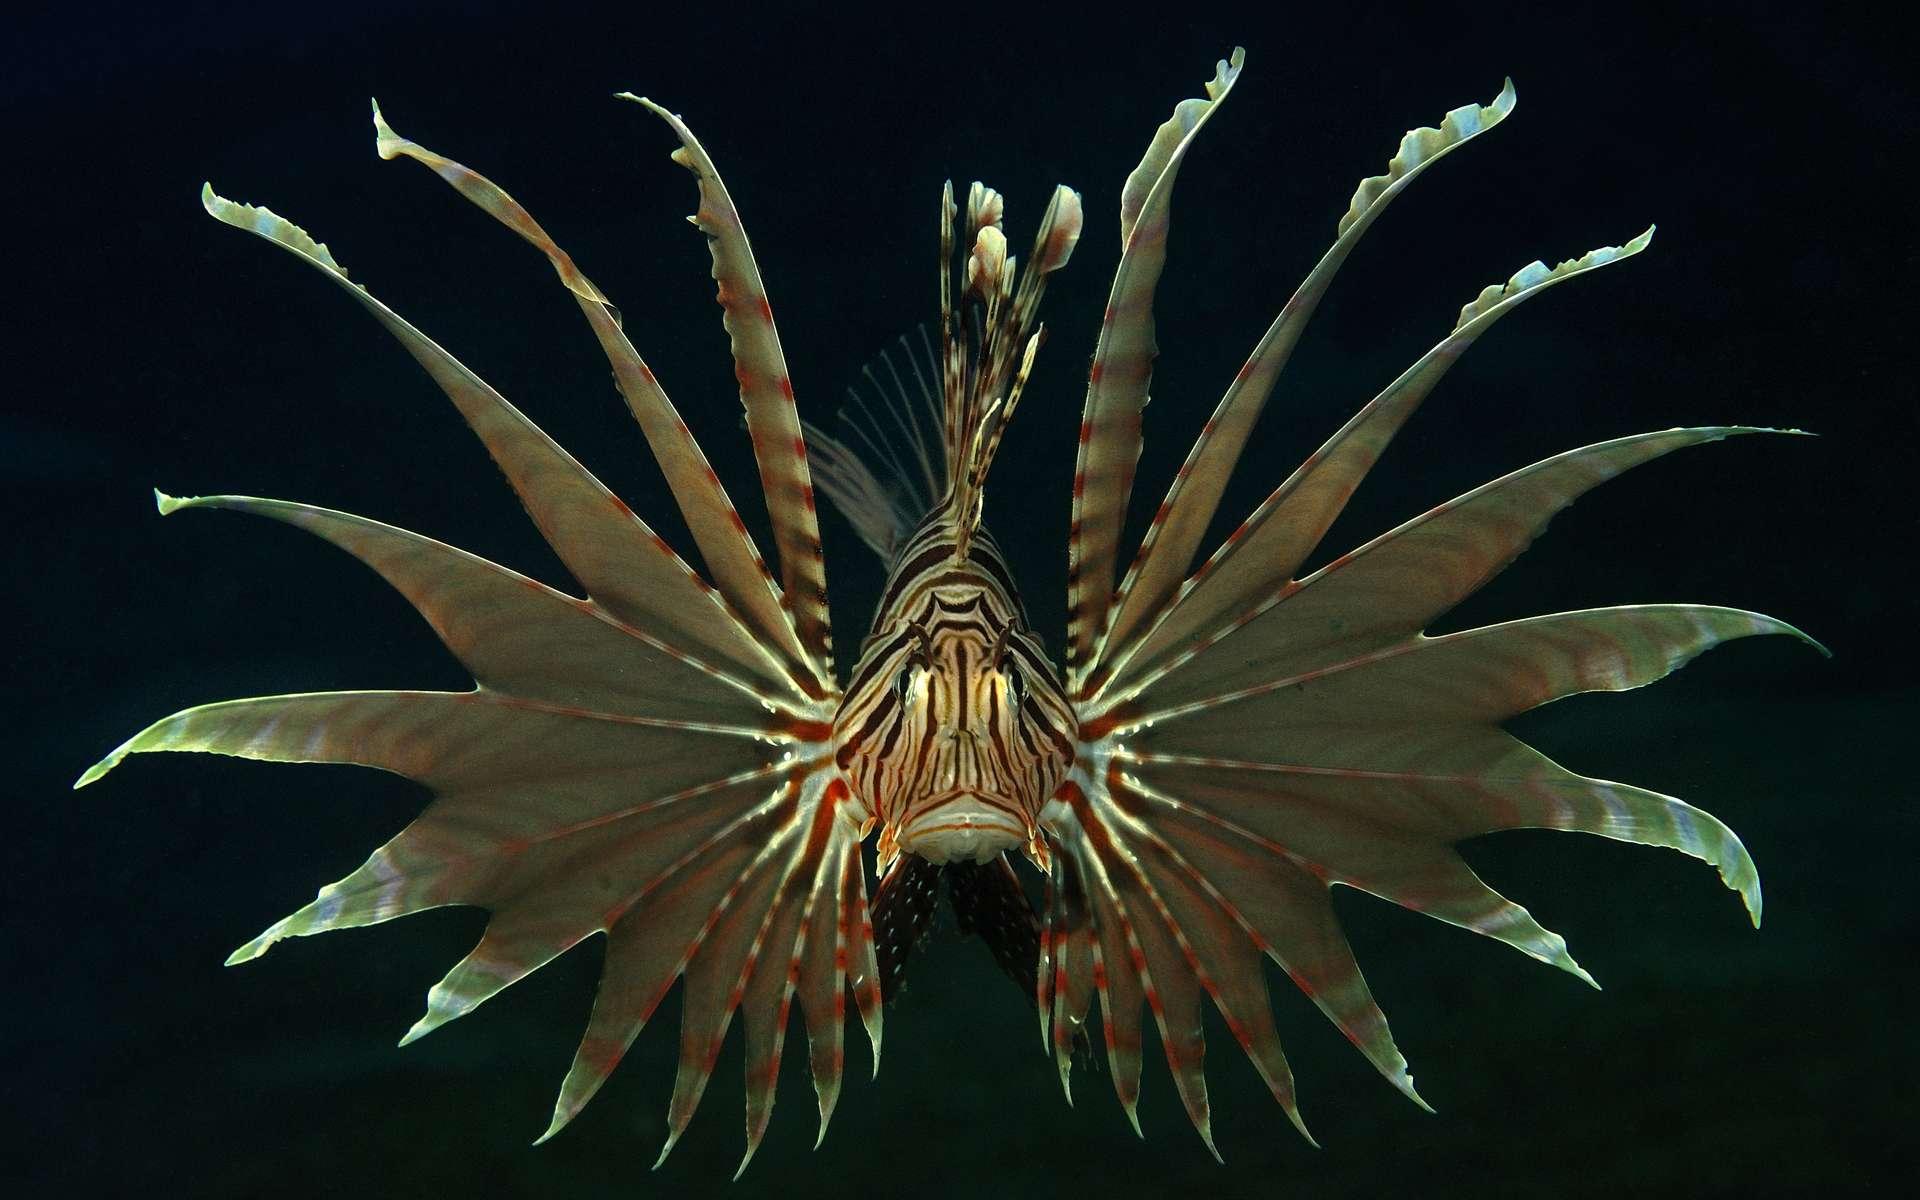 Une superbe image d'Uwe Schmolke, un photographe allemand récompensé cette année par le « plongeur de bronze ». Sur un fond obscur, cette rascasse volante (du genre Pterois, probablement volitans) montre ses nageoires immenses et ses couleurs, pour bien rappeler à son admirateur que son venin fait très mal. © Uwe Schmolke